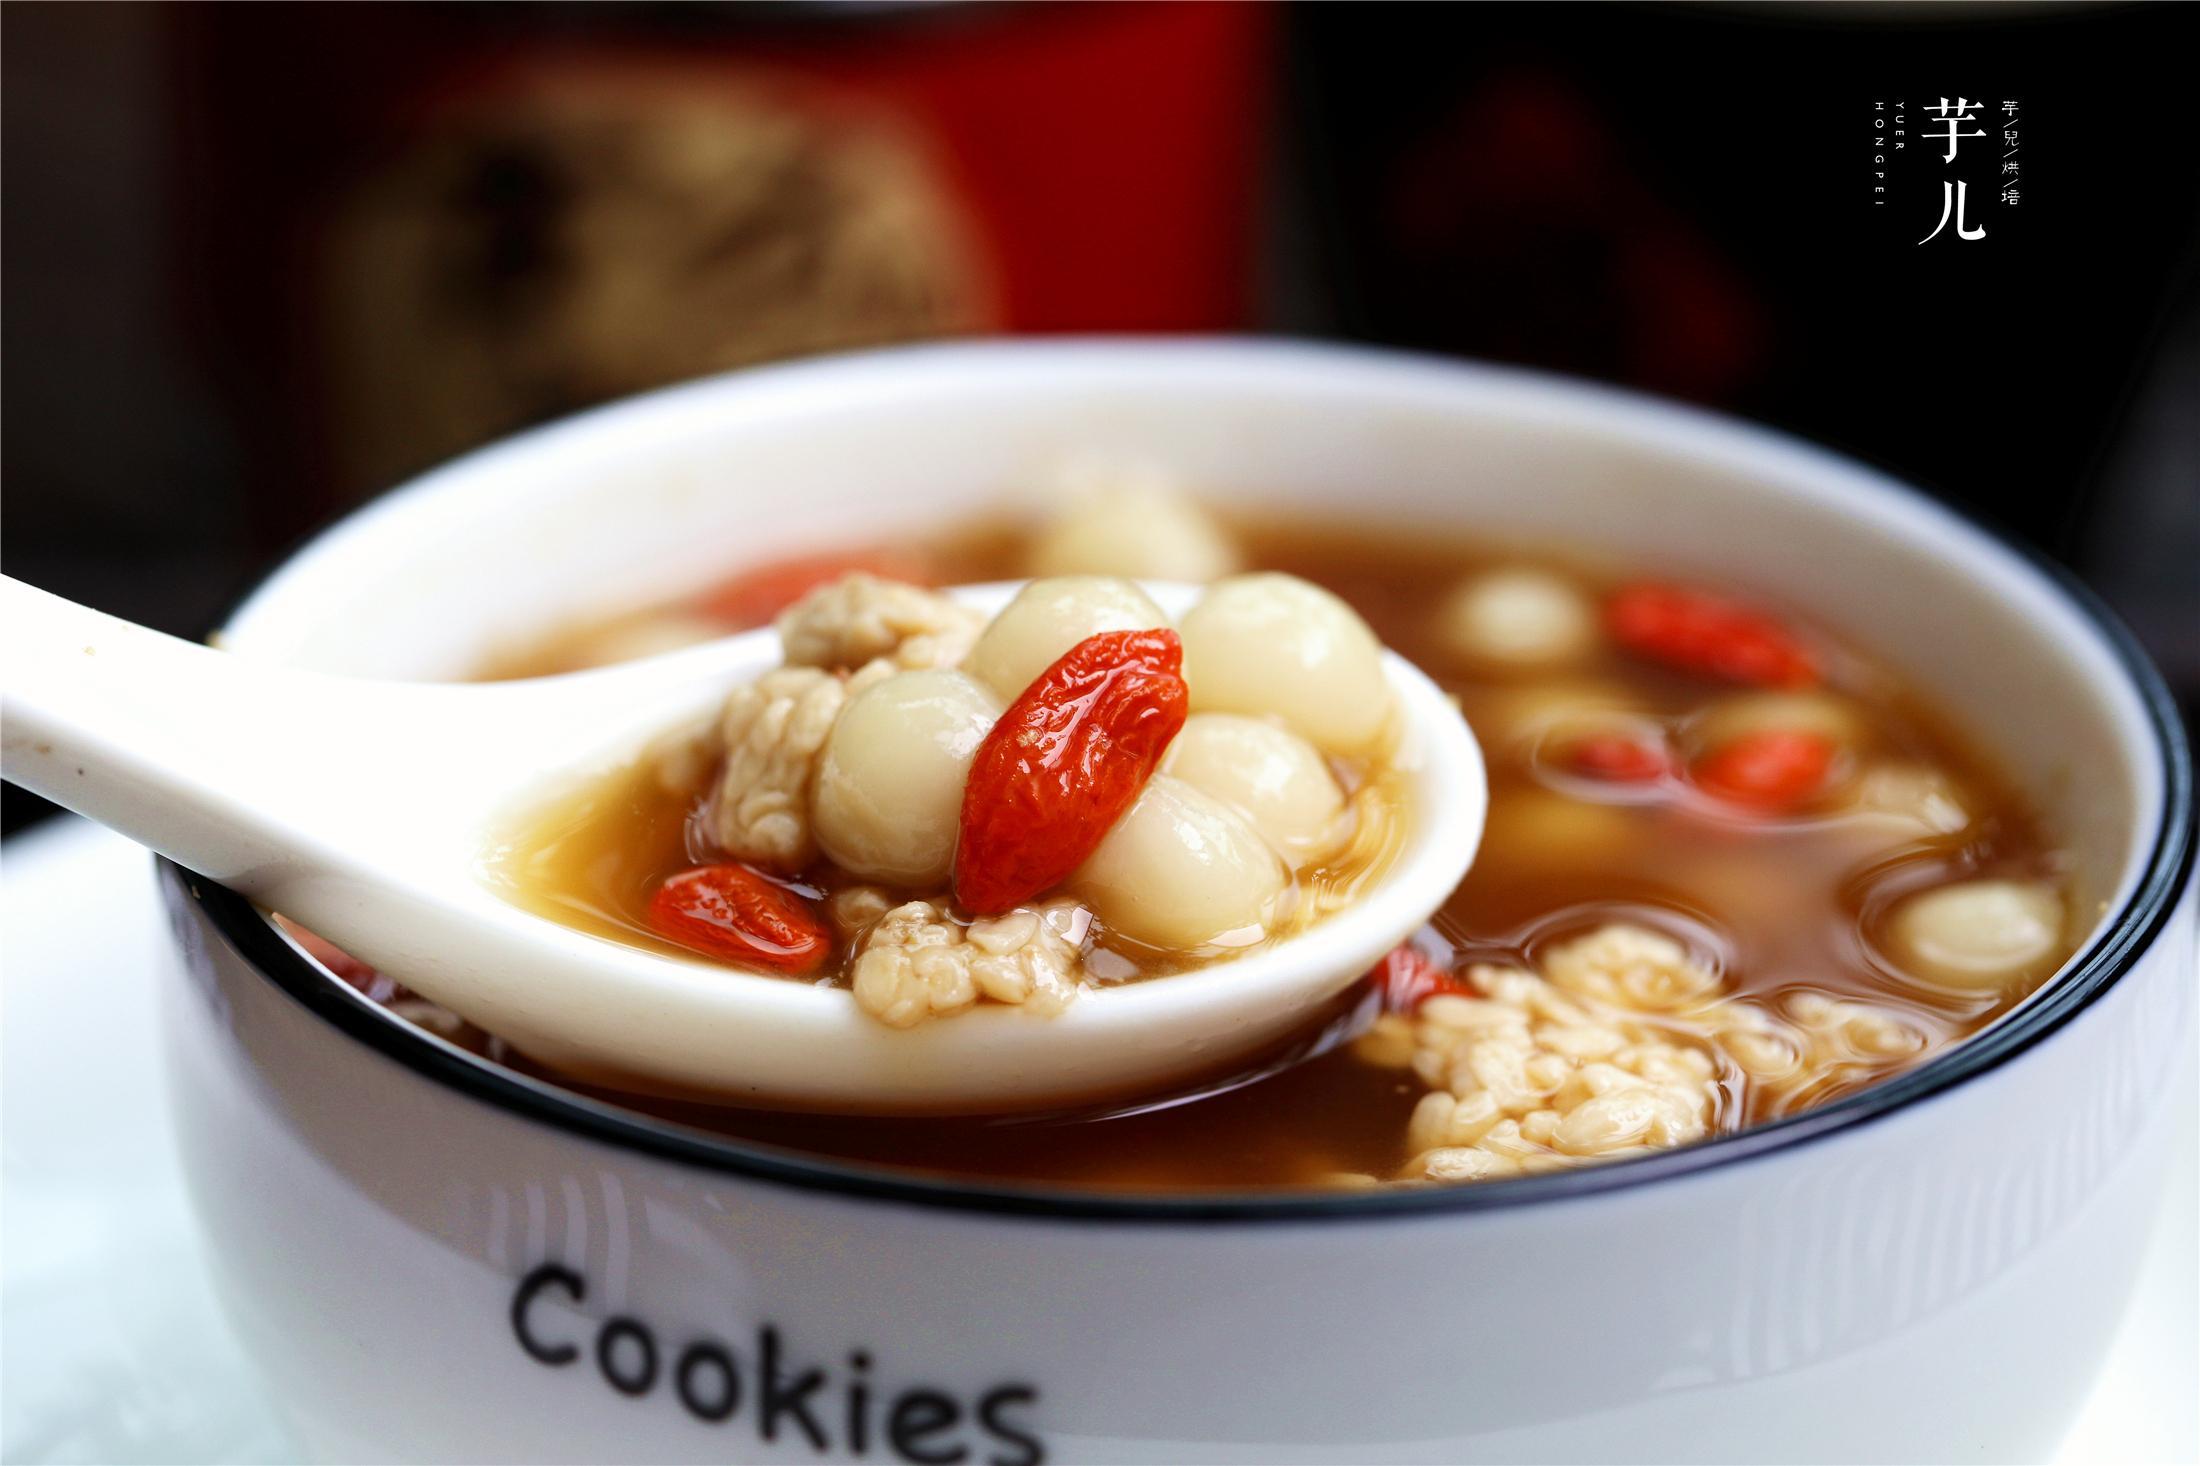 红糖酒酿小丸子,简单美味,喝一碗暖身又暖胃!冬天,女人要常吃